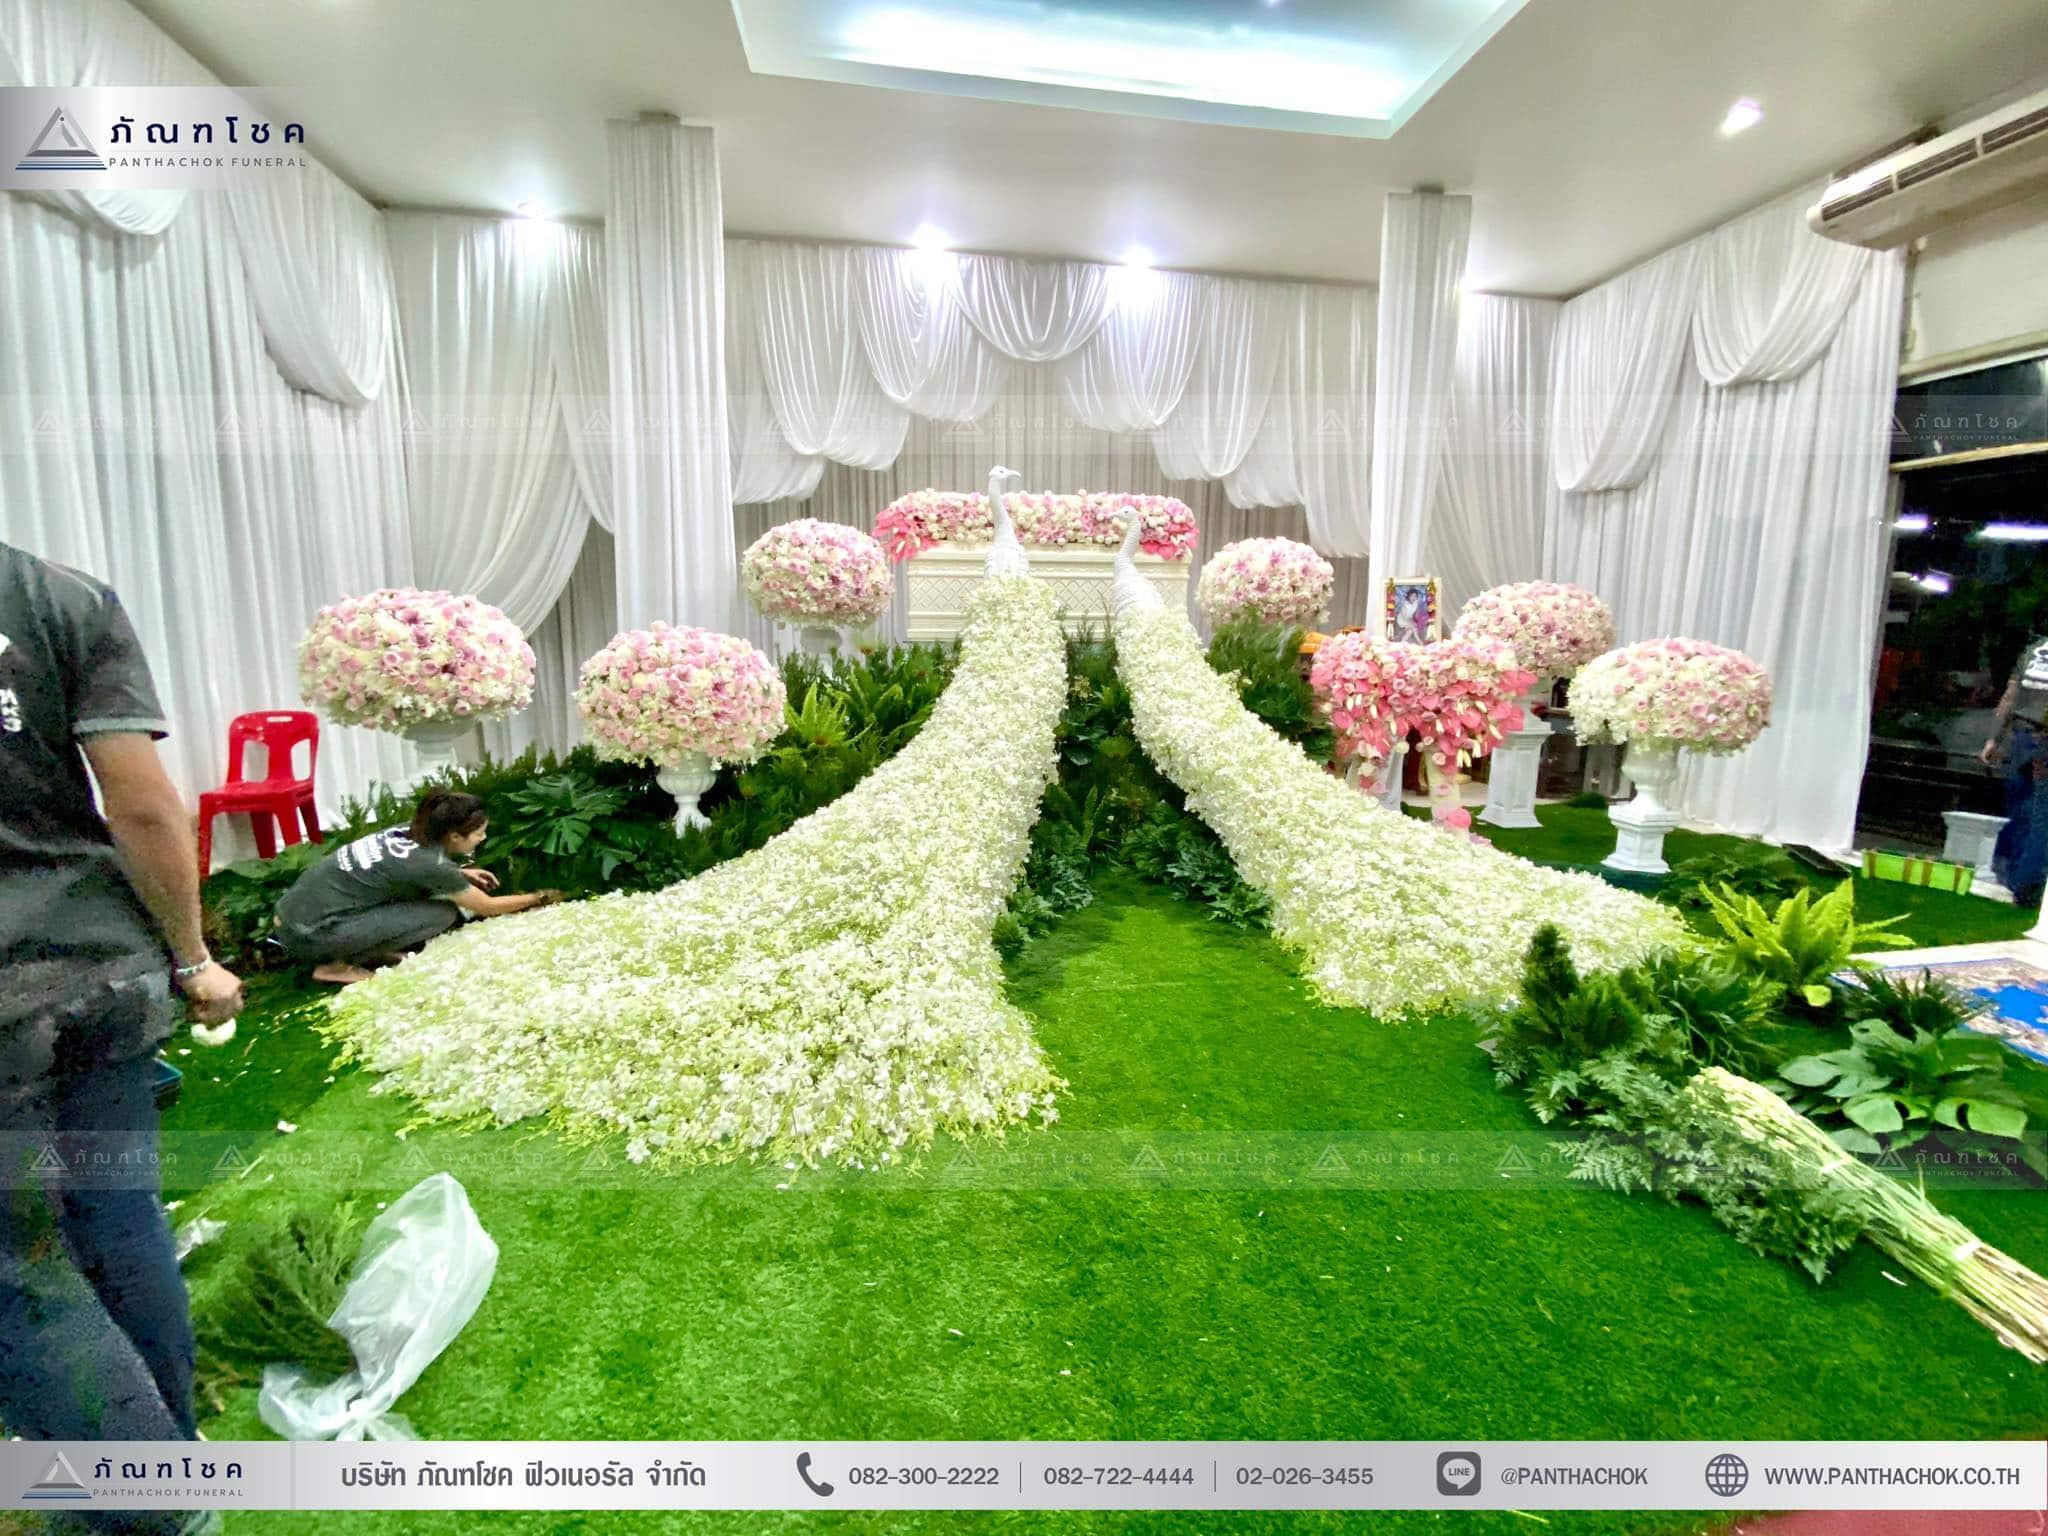 ชุดดอกไม้งานศพประดับด้วยนกยูงดูสง่า ณ วัดเขียนเขตพระอารามหลวง ปทุมธานี 2